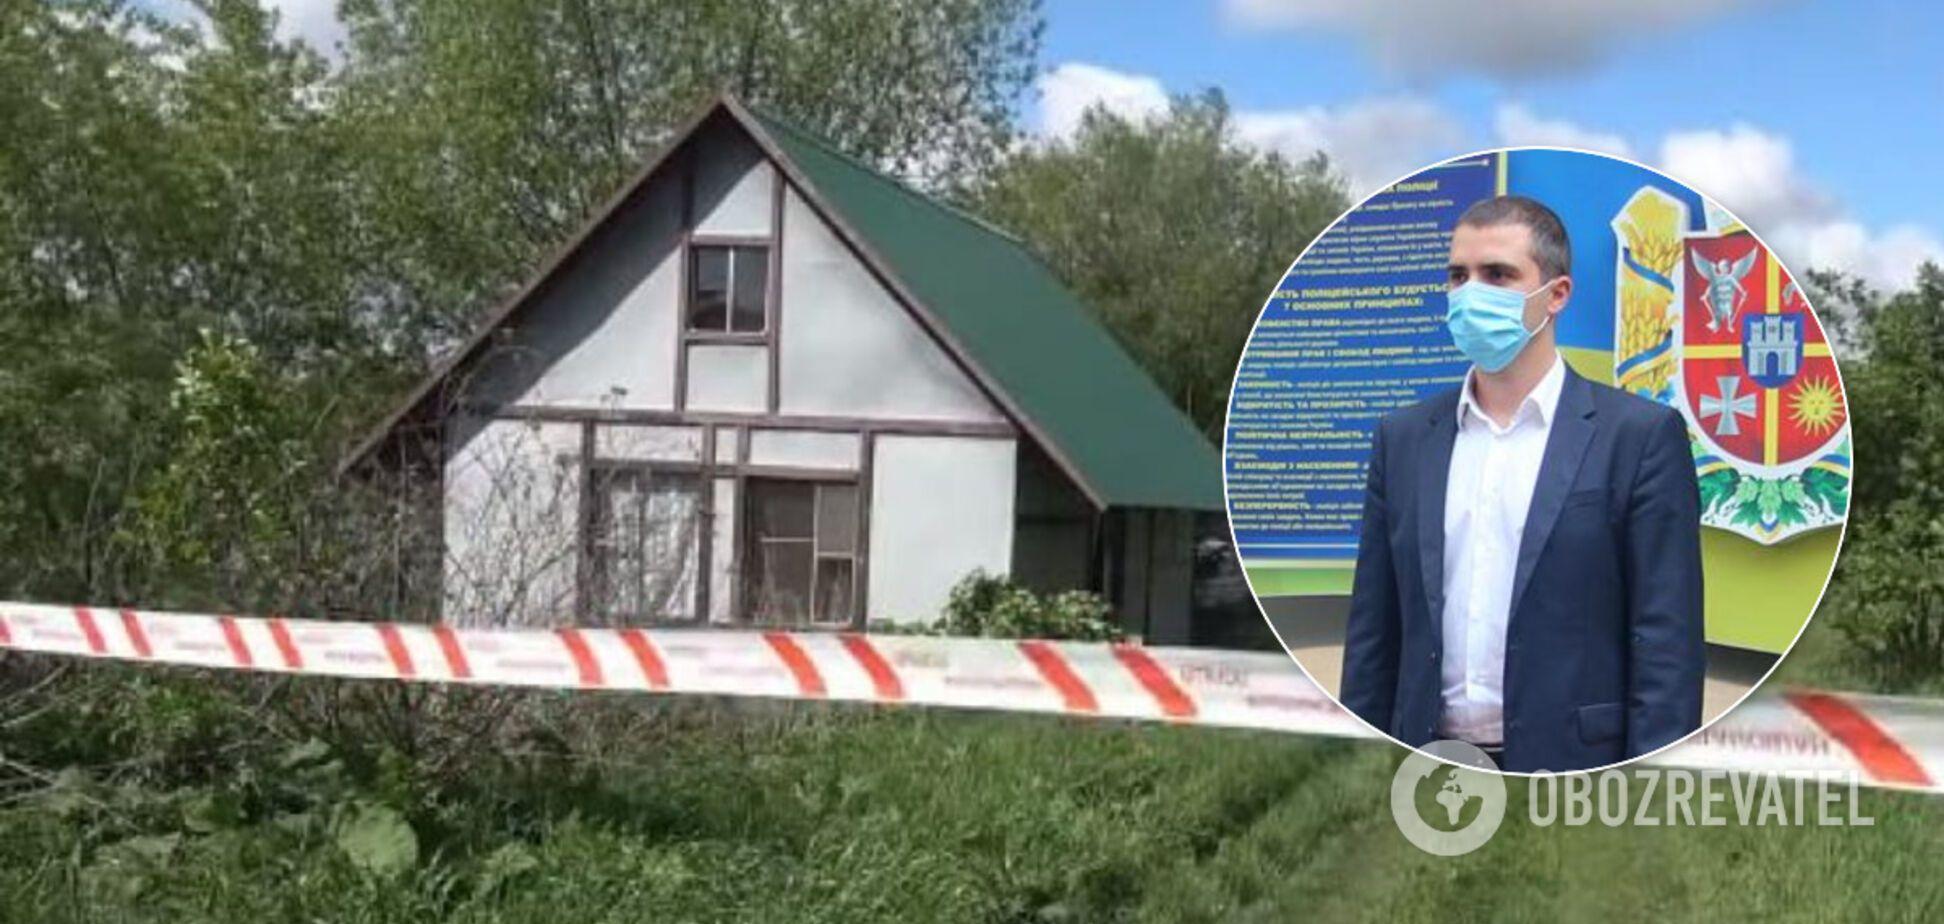 Дом, где произошло массовое убийство на Житомирщине